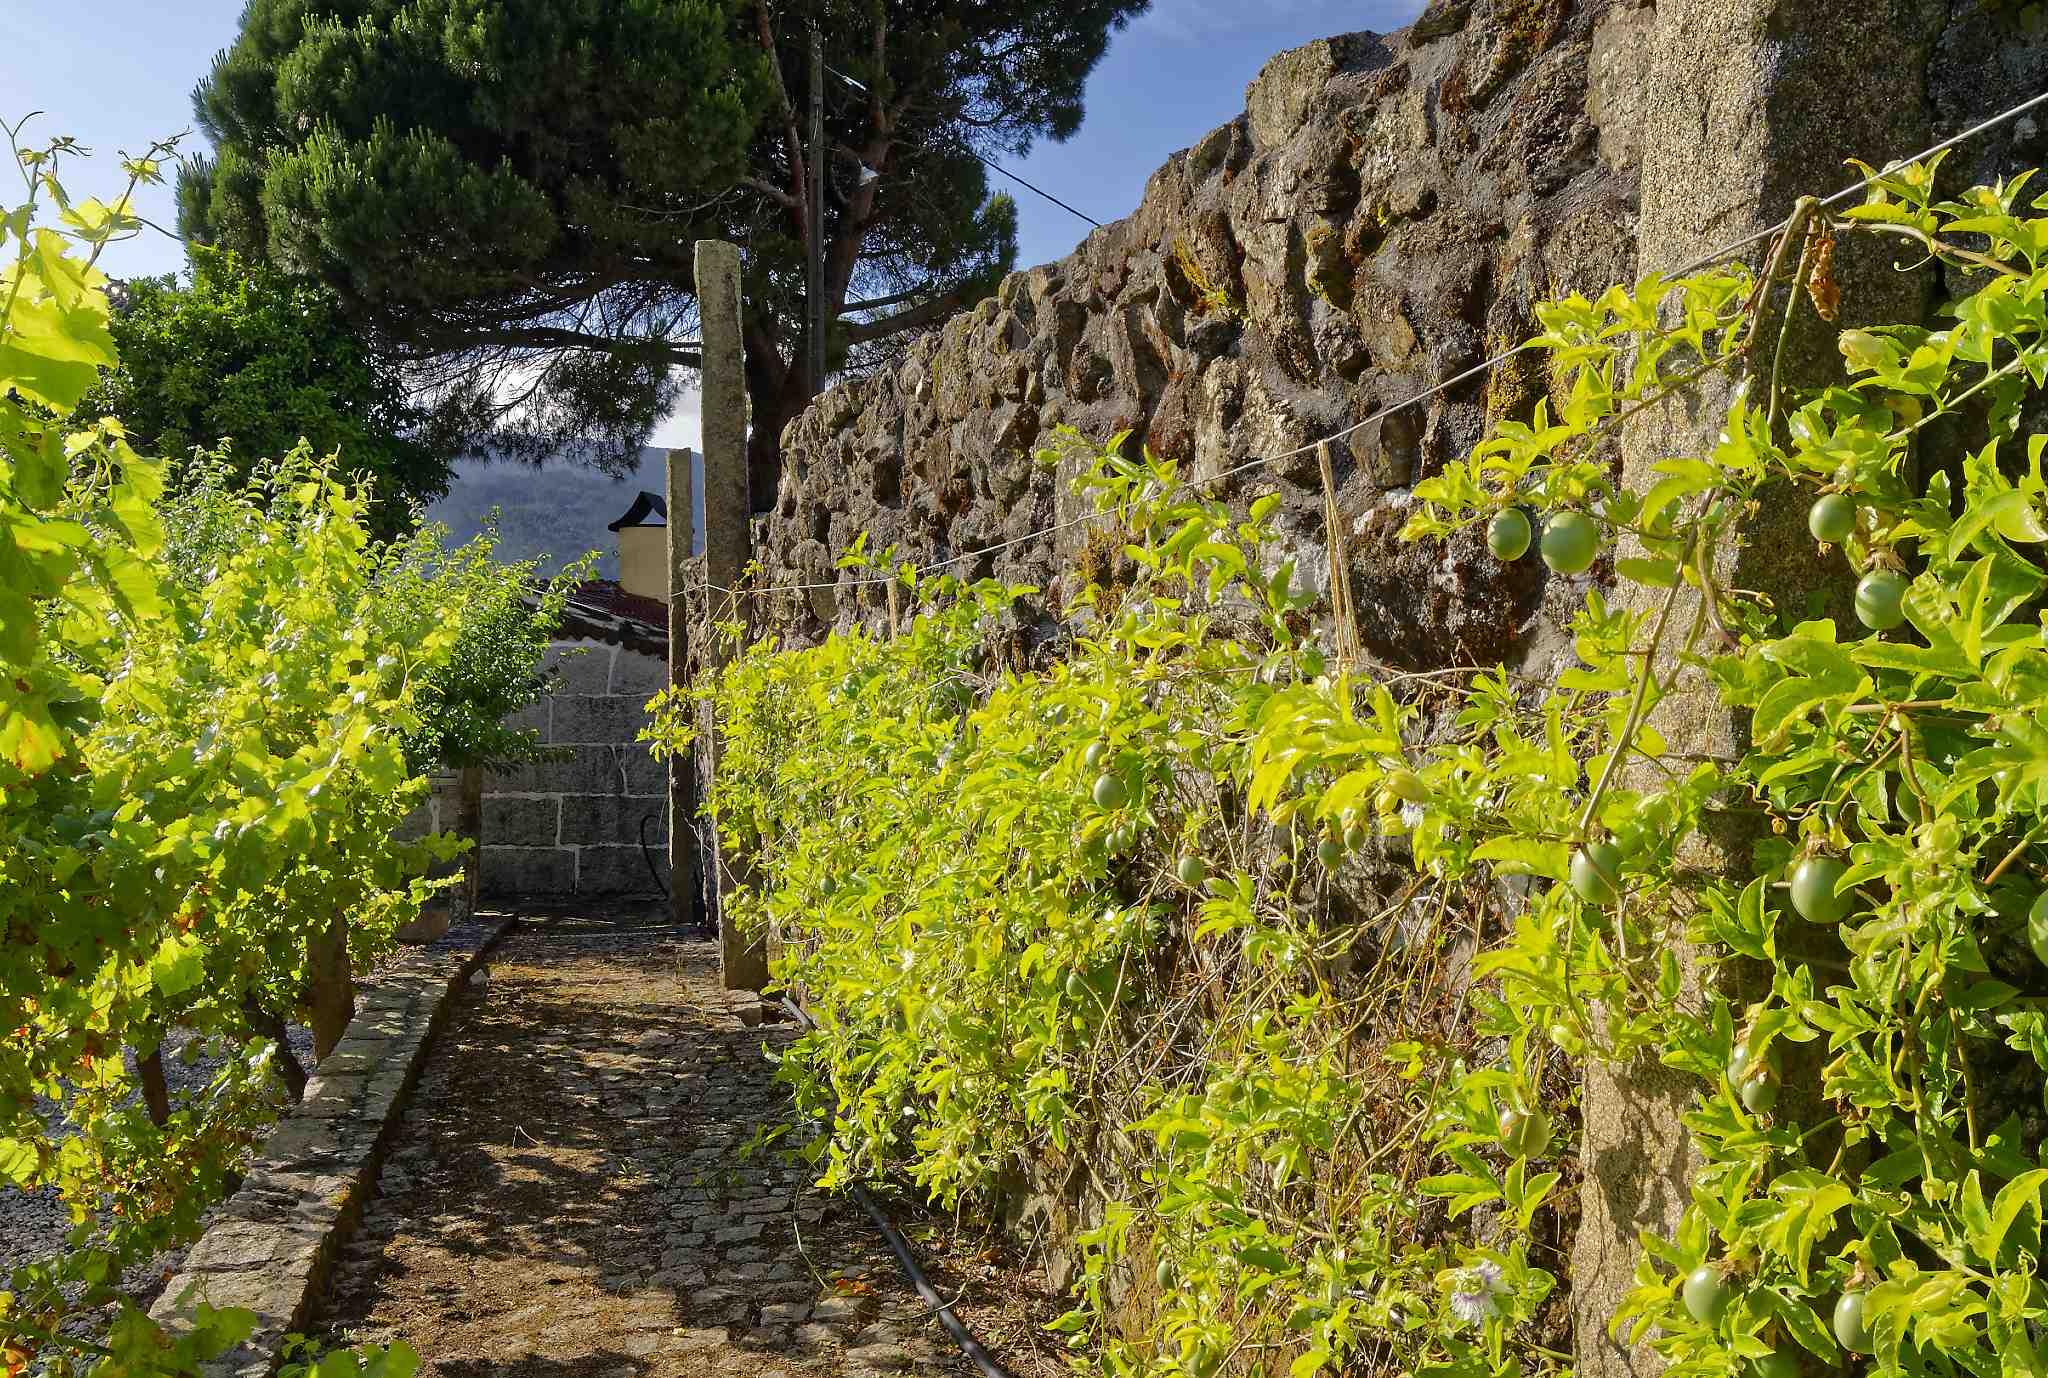 Wall & tree